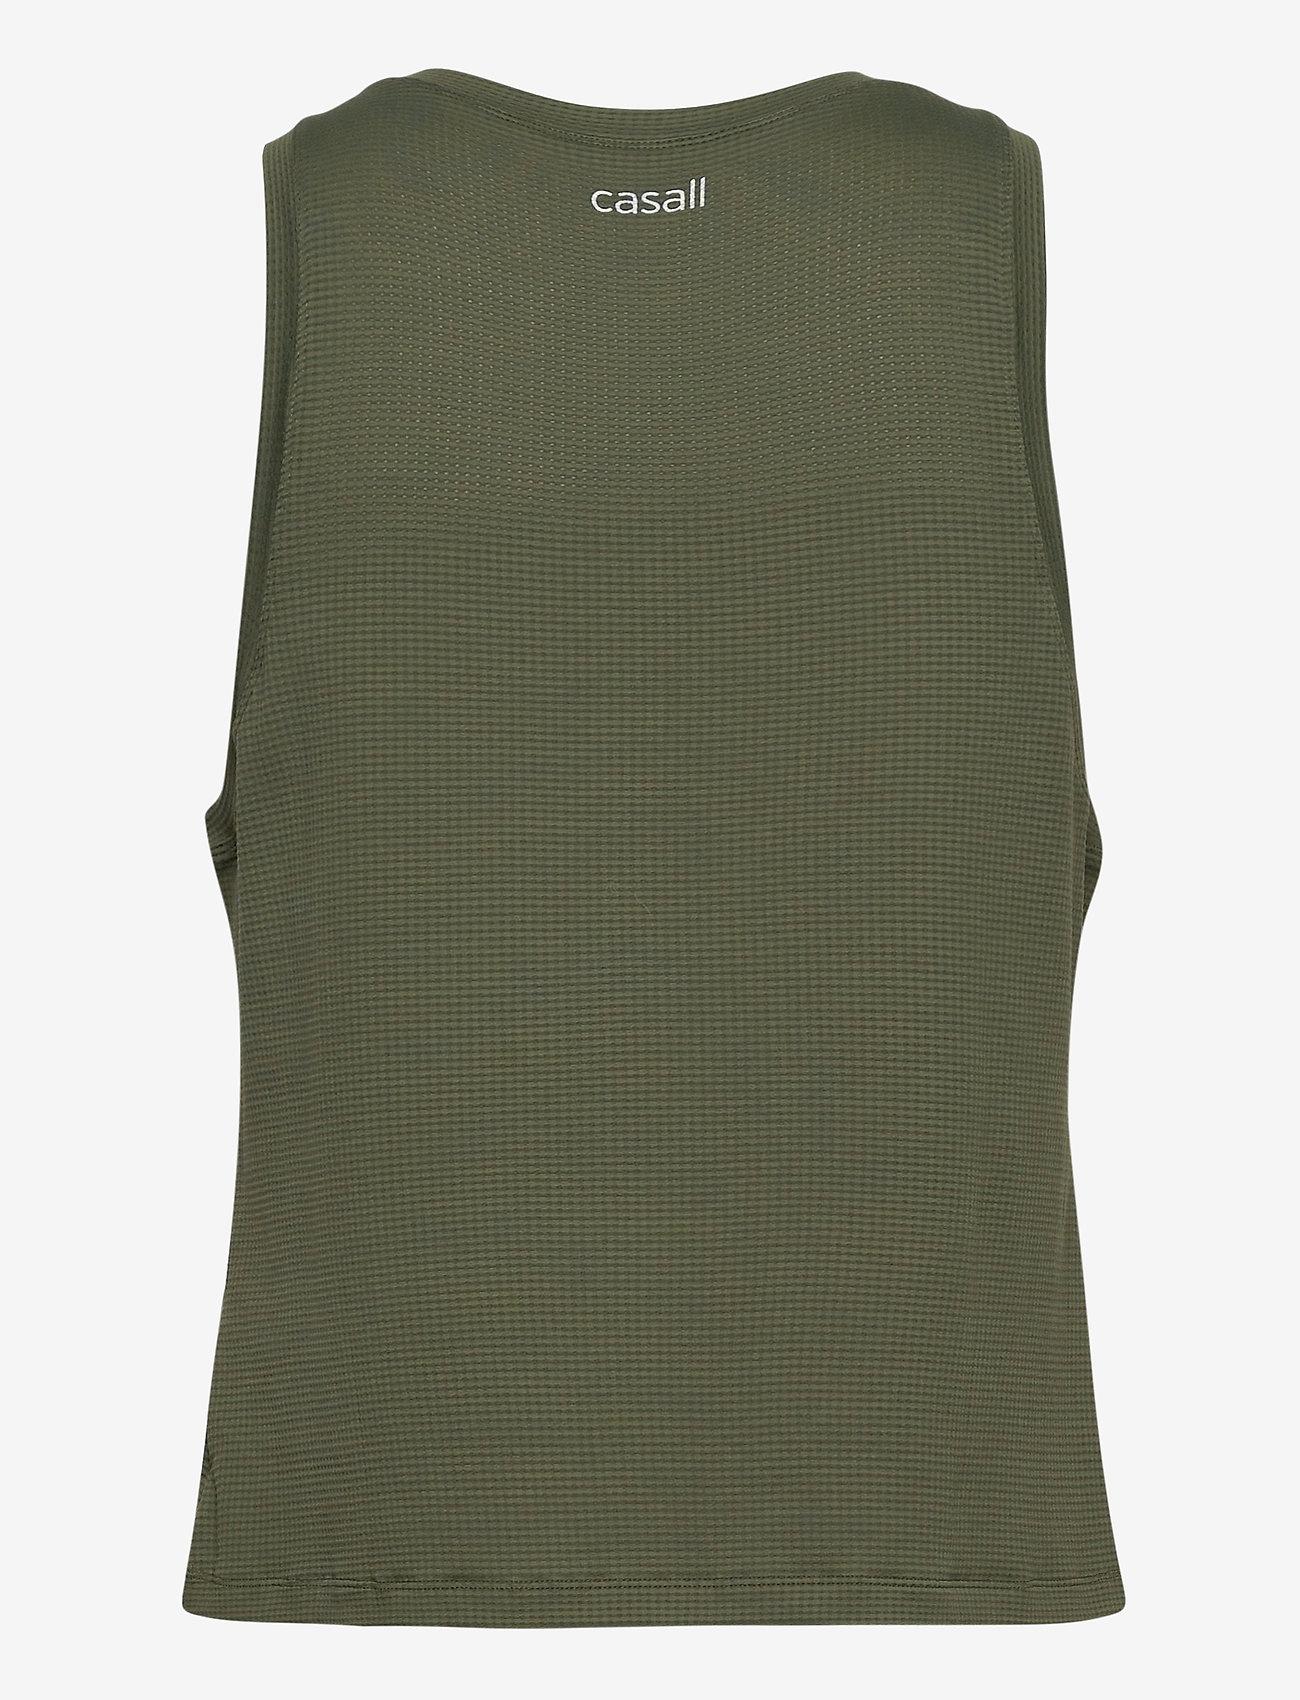 Casall - Iconic Loose Tank - podkoszulki bez rękawów - northern green - 1